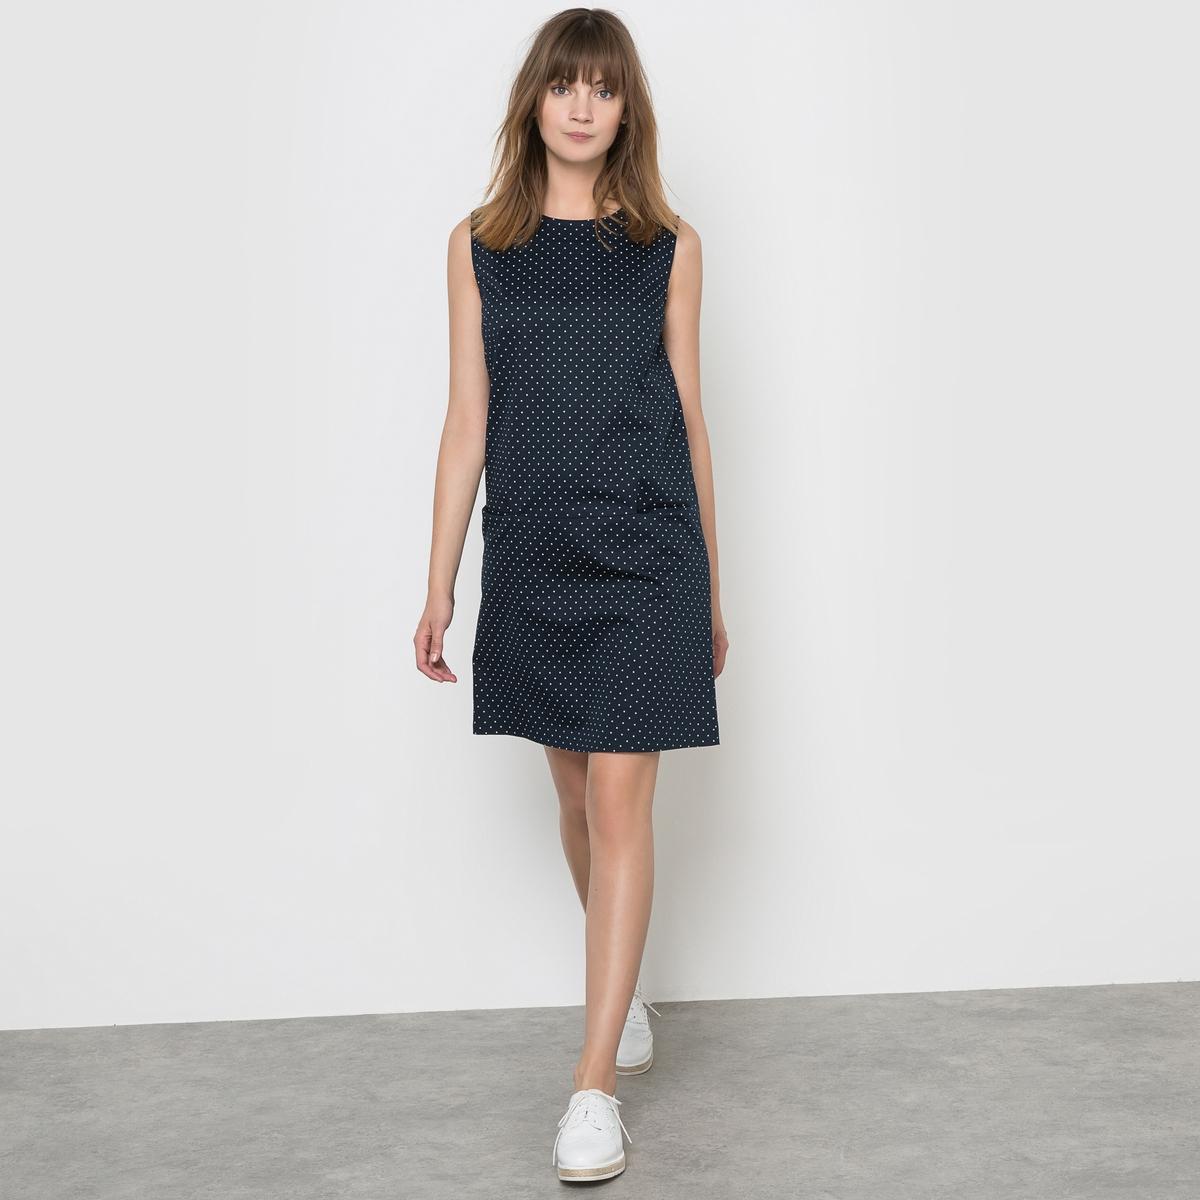 Платье в горошекПлатье без рукавов. Из сатина с рисунком в горошек. 98% хлопка, 2% эластана. 2 накладных кармана. Закругленный вырез. Застежка на молнию. Длина 90 см.<br><br>Цвет: в горошек<br>Размер: 50 (FR) - 56 (RUS)